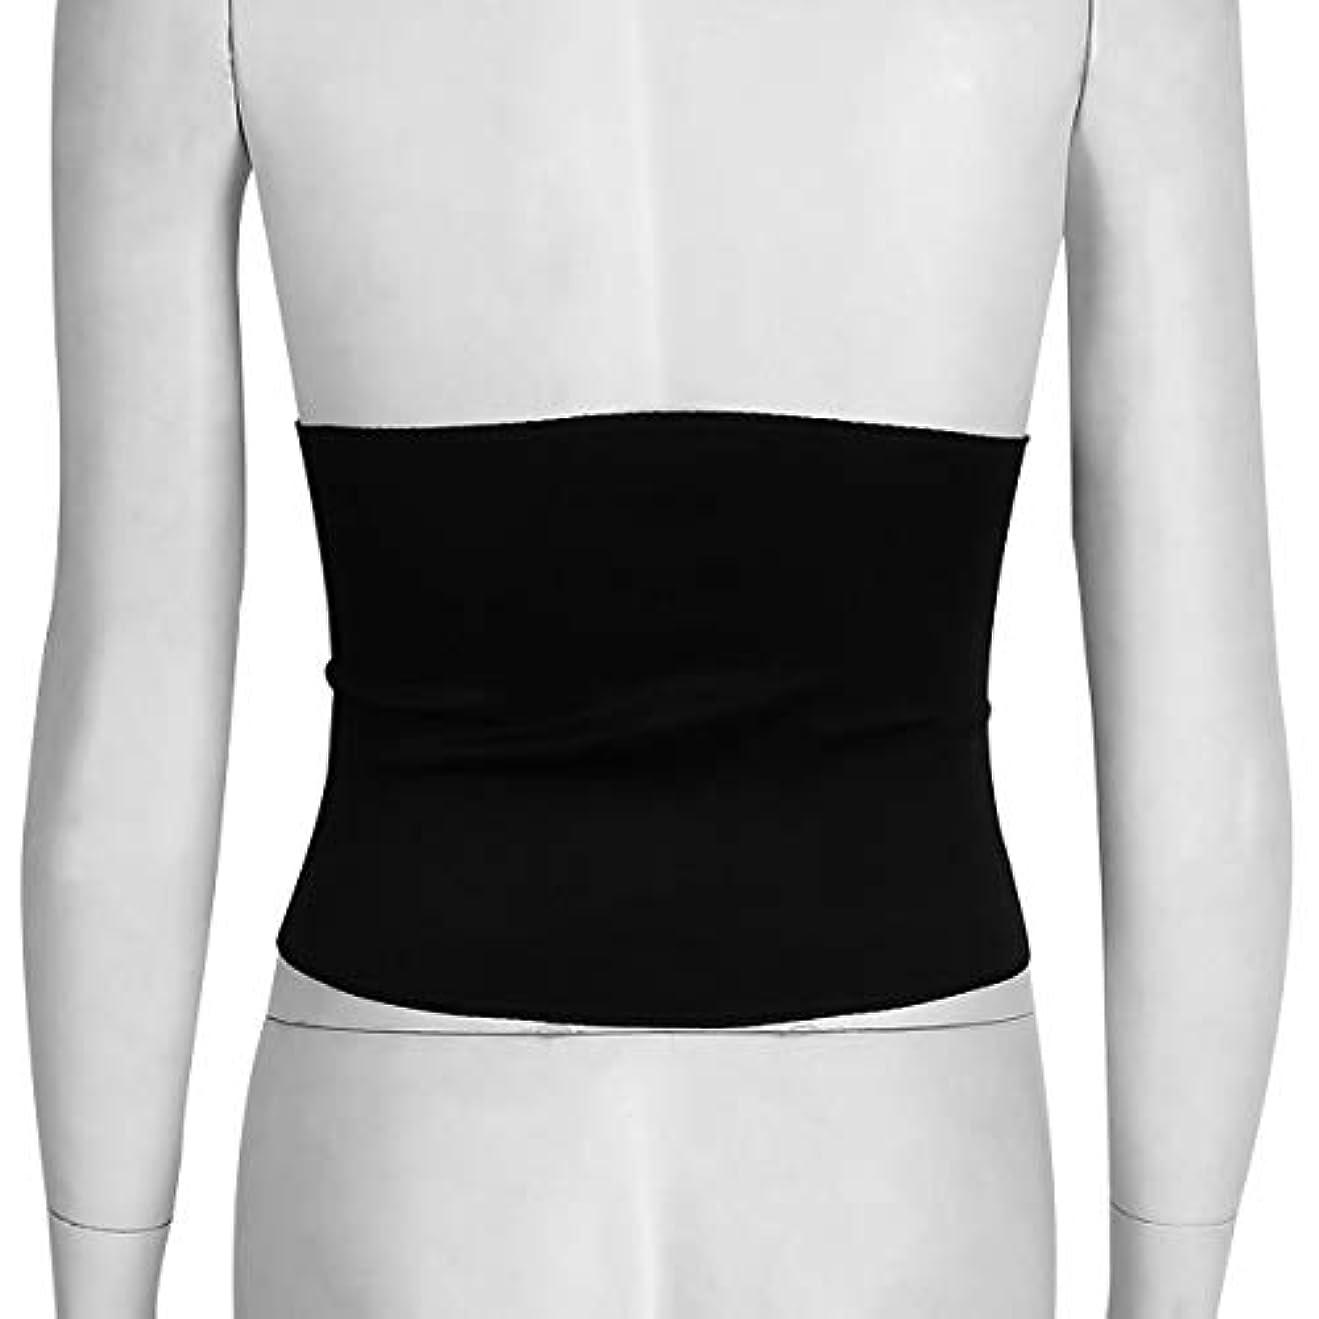 デコードする達成可能安西Women Adult Solid Neoprene Healthy Slimming Weight Loss Waist Belts Body Shaper Slimming Trainer Trimmer Corsets